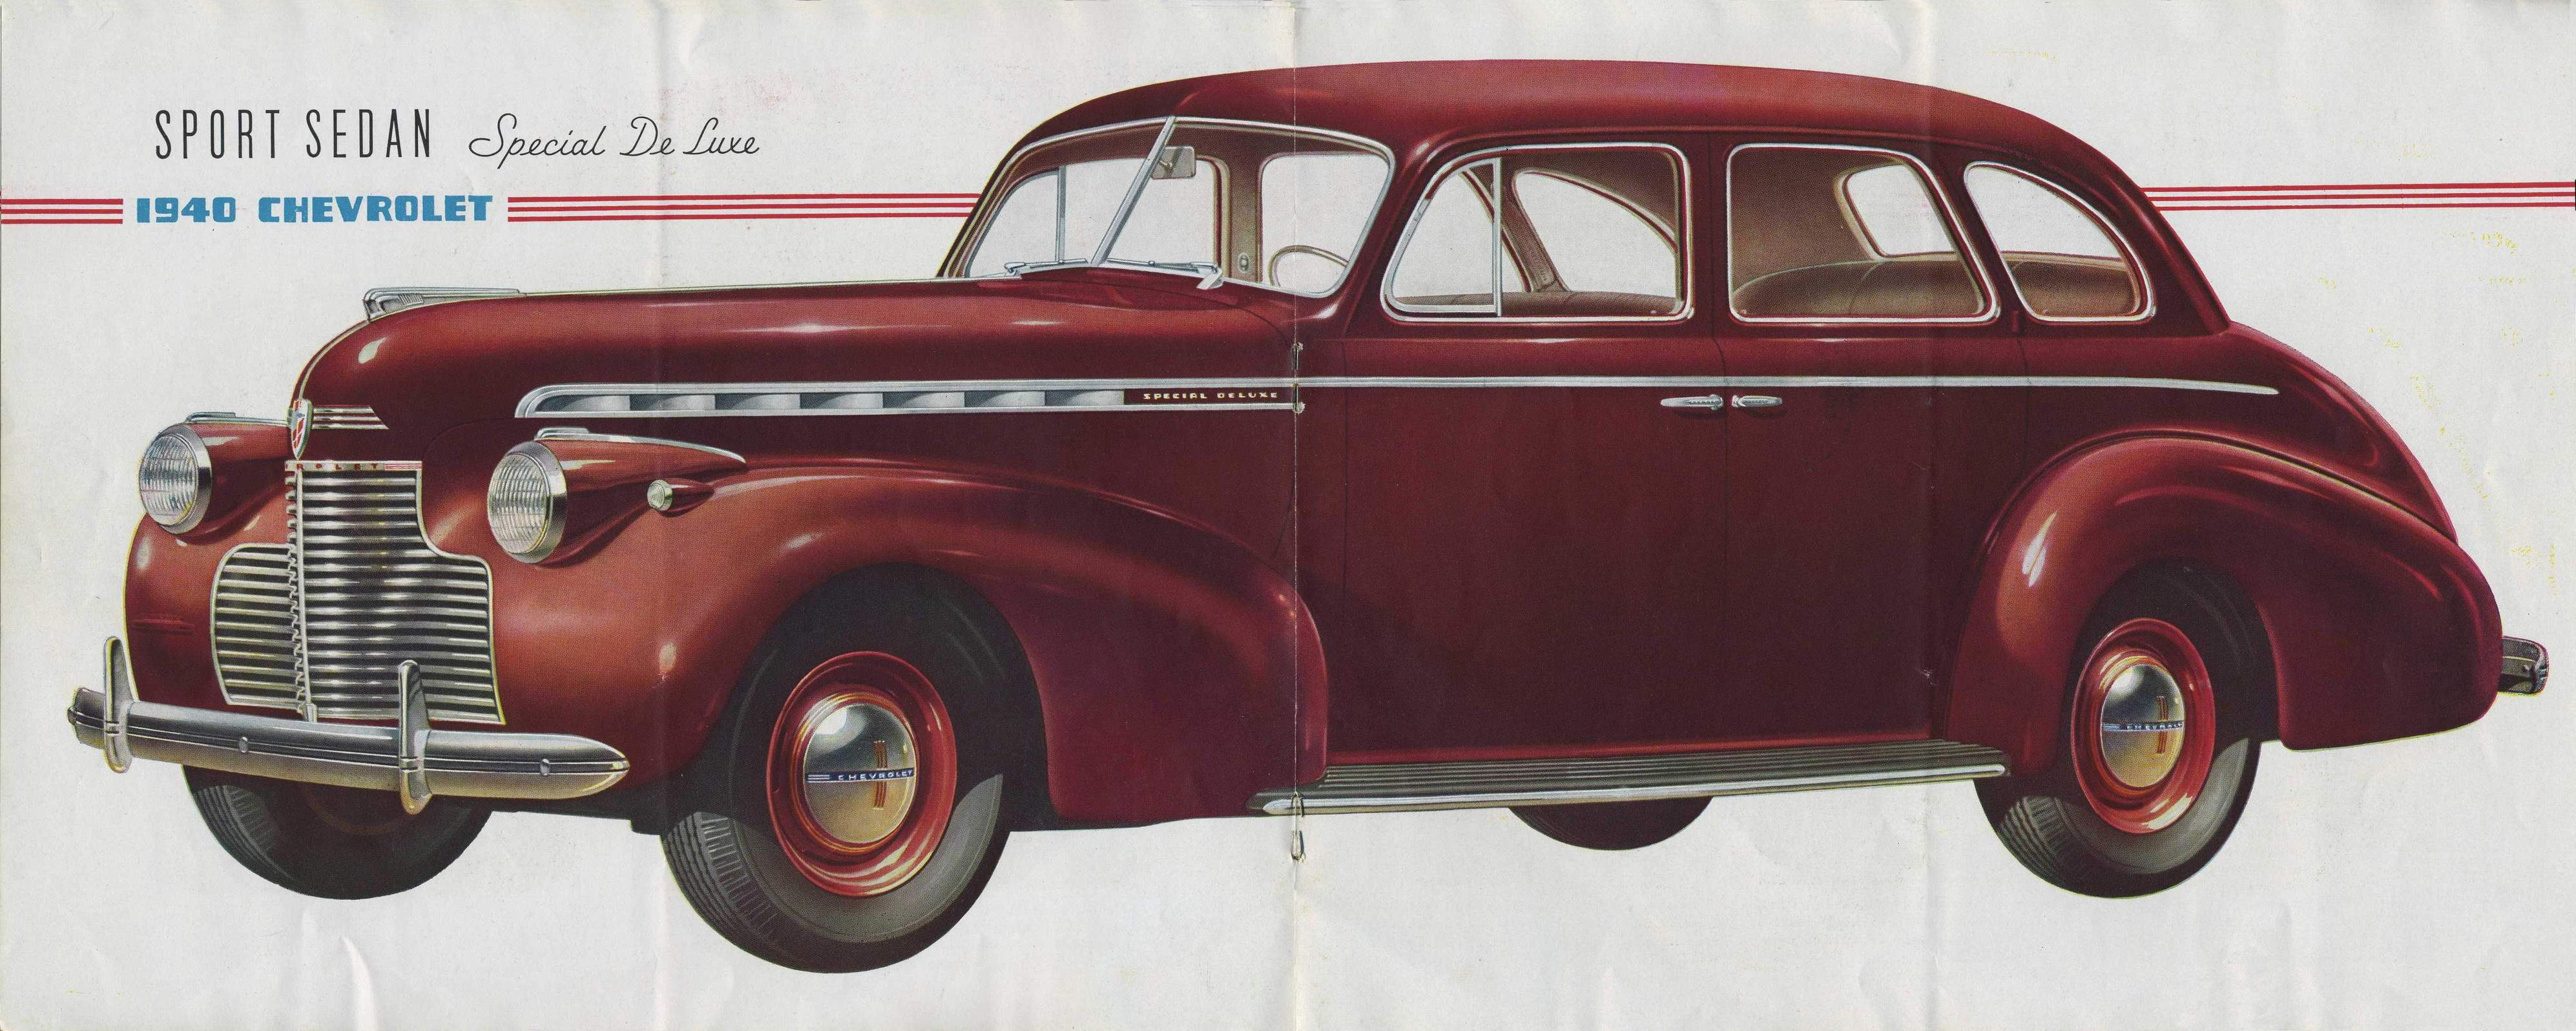 Chevrolet Master 85 In Antonia Zwischen Liebe Und Macht Chevrolet Sports Sedan Chevy